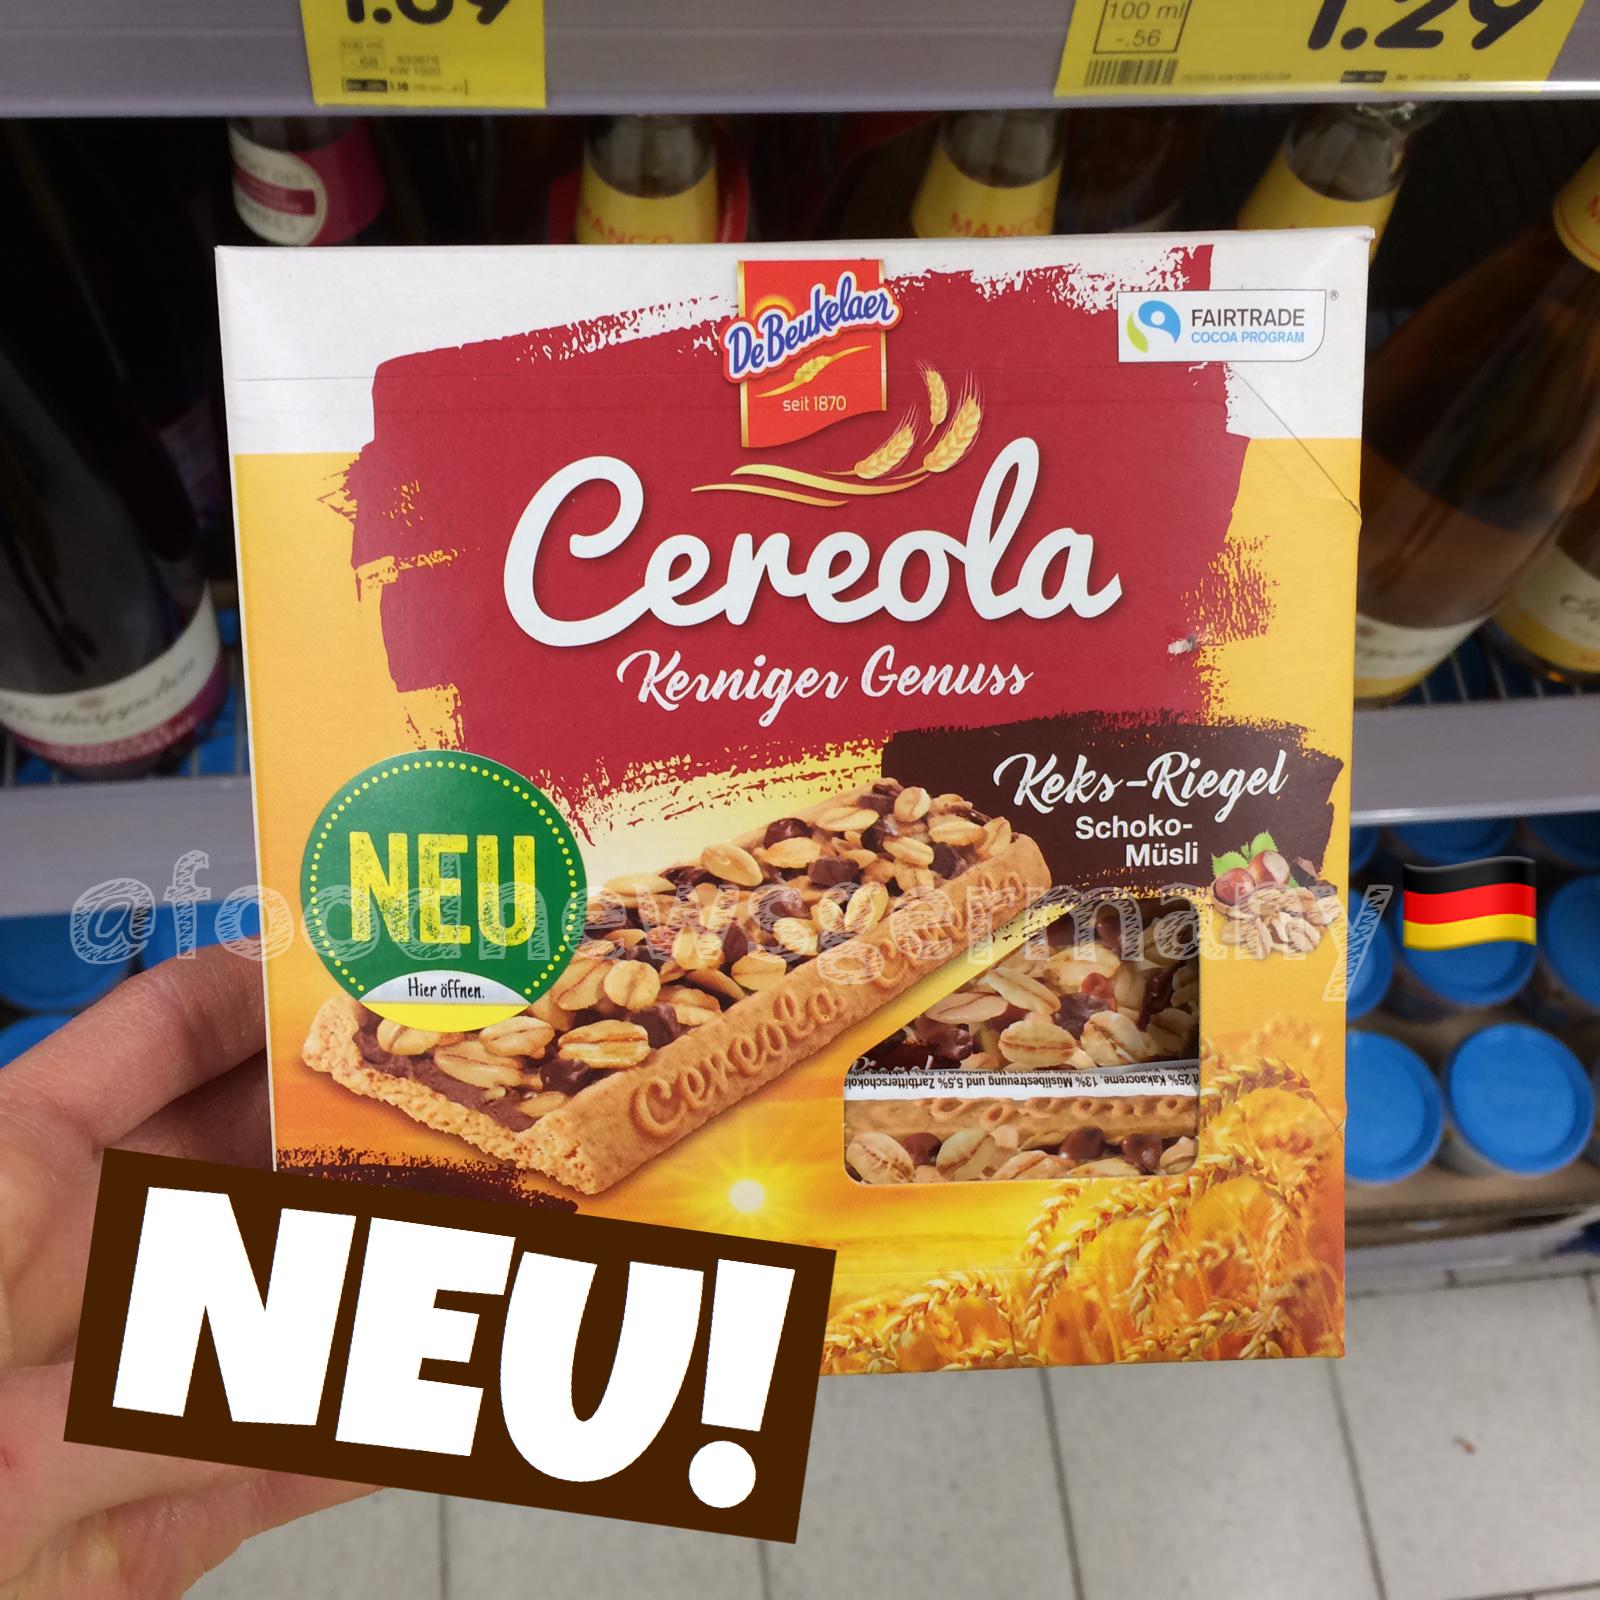 Griesson De Beukelaer Cereola